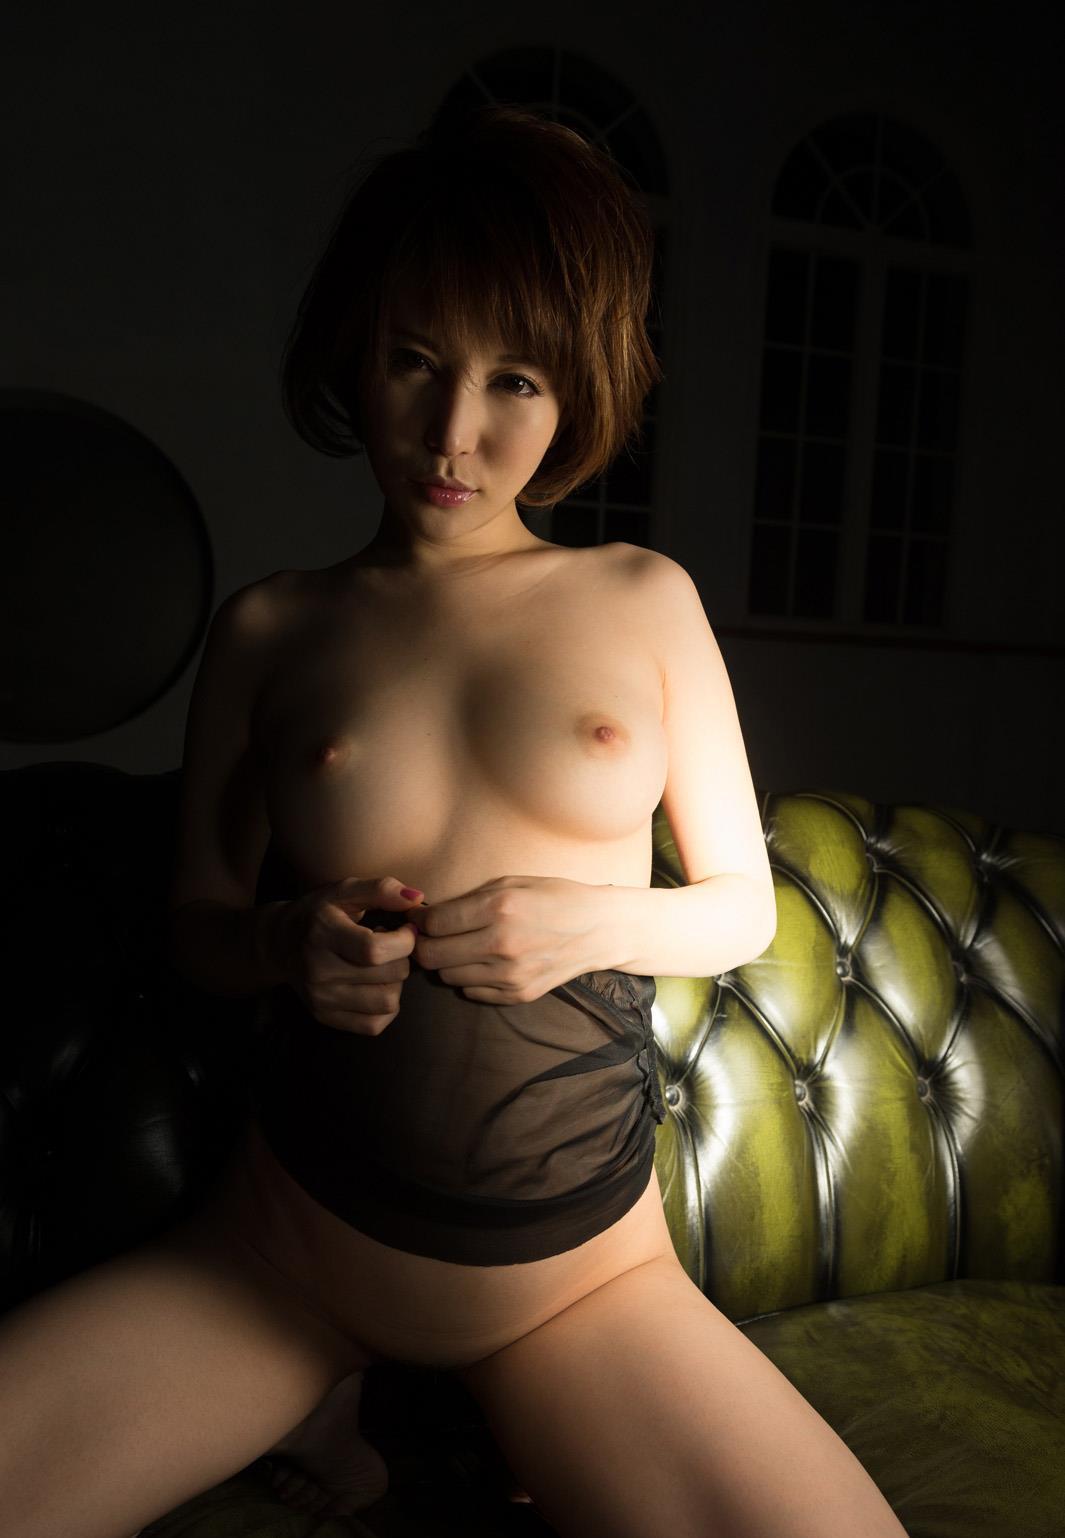 里美ゆりあ(小泉彩) ヌード画像 125